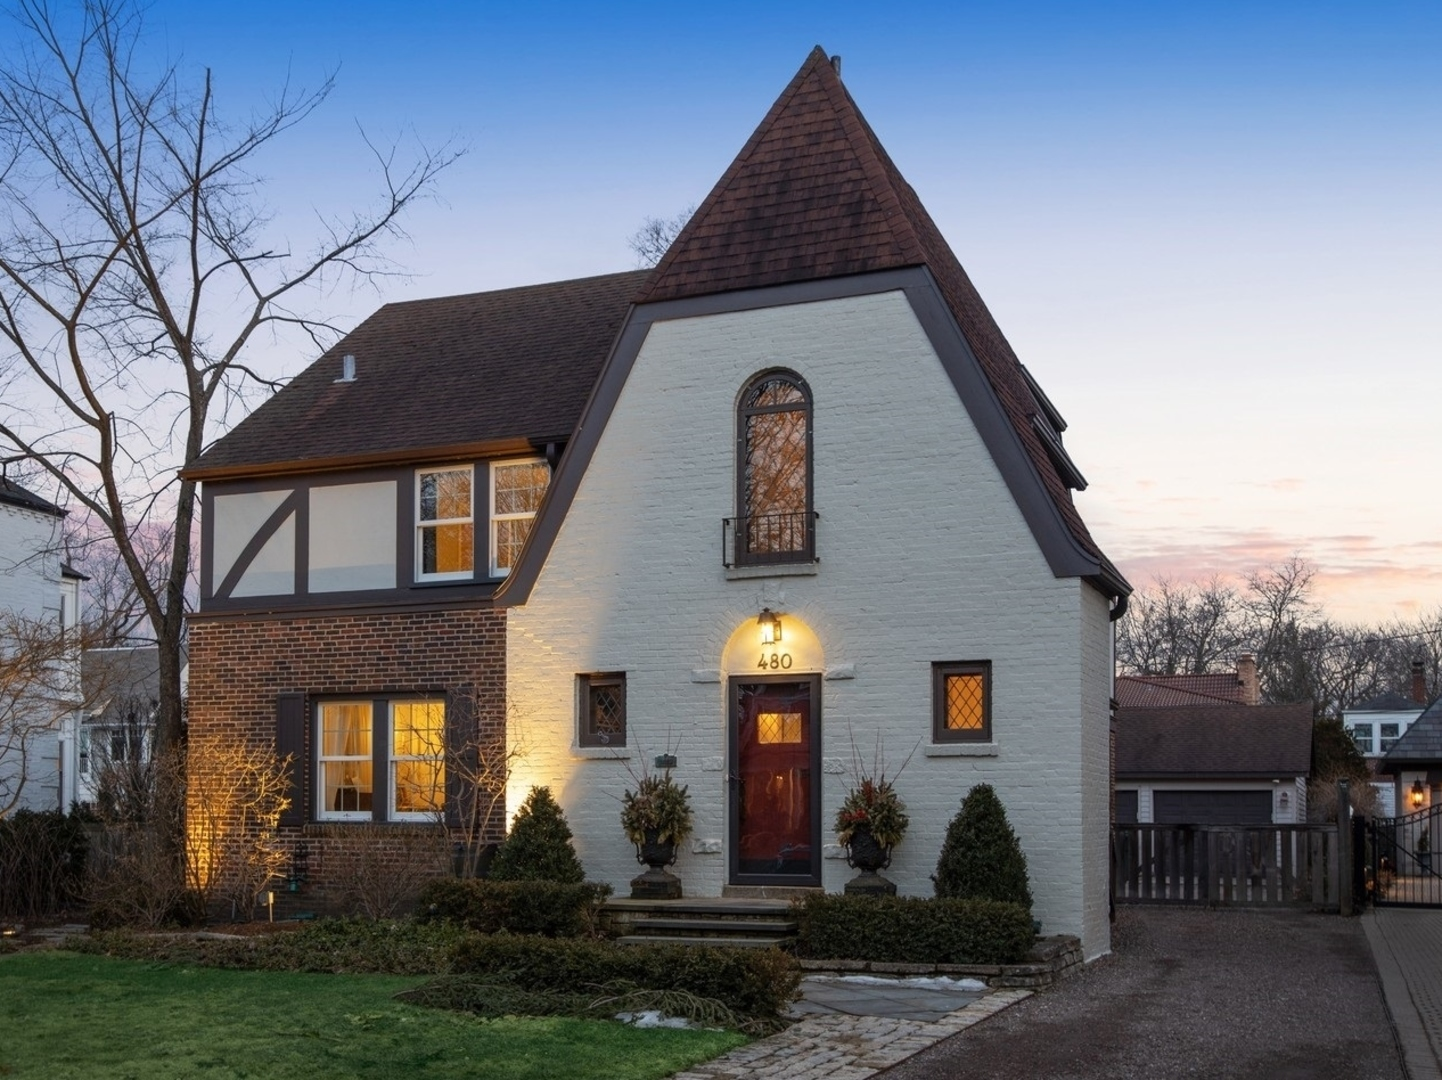 480 Elder Lane, Winnetka, Illinois